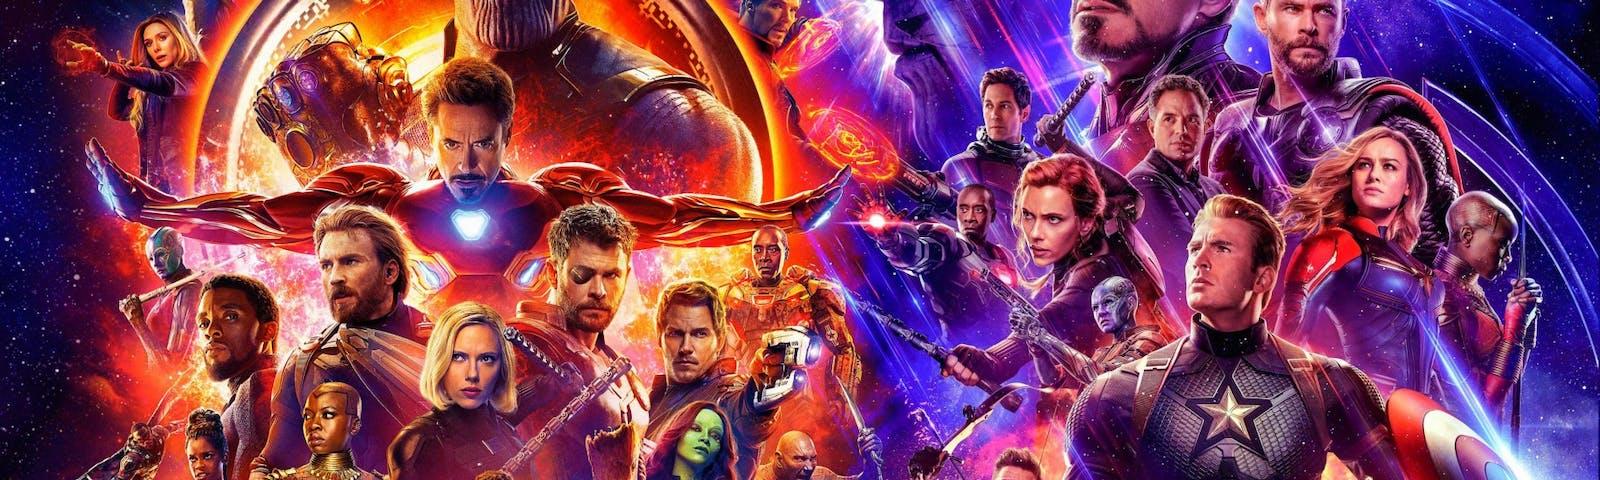 En överblick av Marvels Multiverse